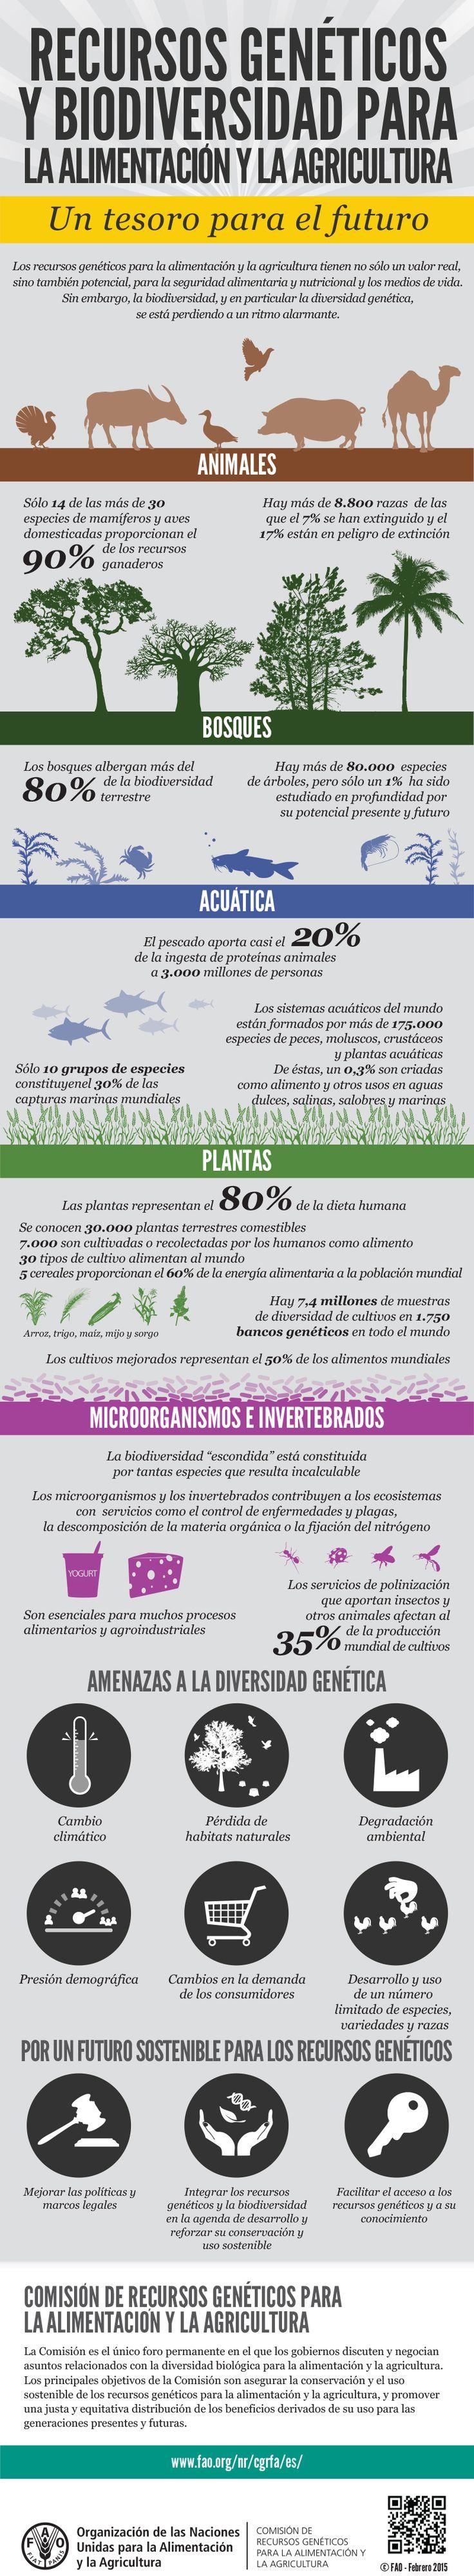 Biodiversidad para la seguridad alimentaria y la nutrición: 30 años de la Comisión de Recursos Genéticos para la Alimentación y la Agricultura. Los recursos genéticos para la alimentación y la agricultura tienen no sólo un valor real, sino también potencial, para la seguridad alimentaria y nutricional y los medios de vida.